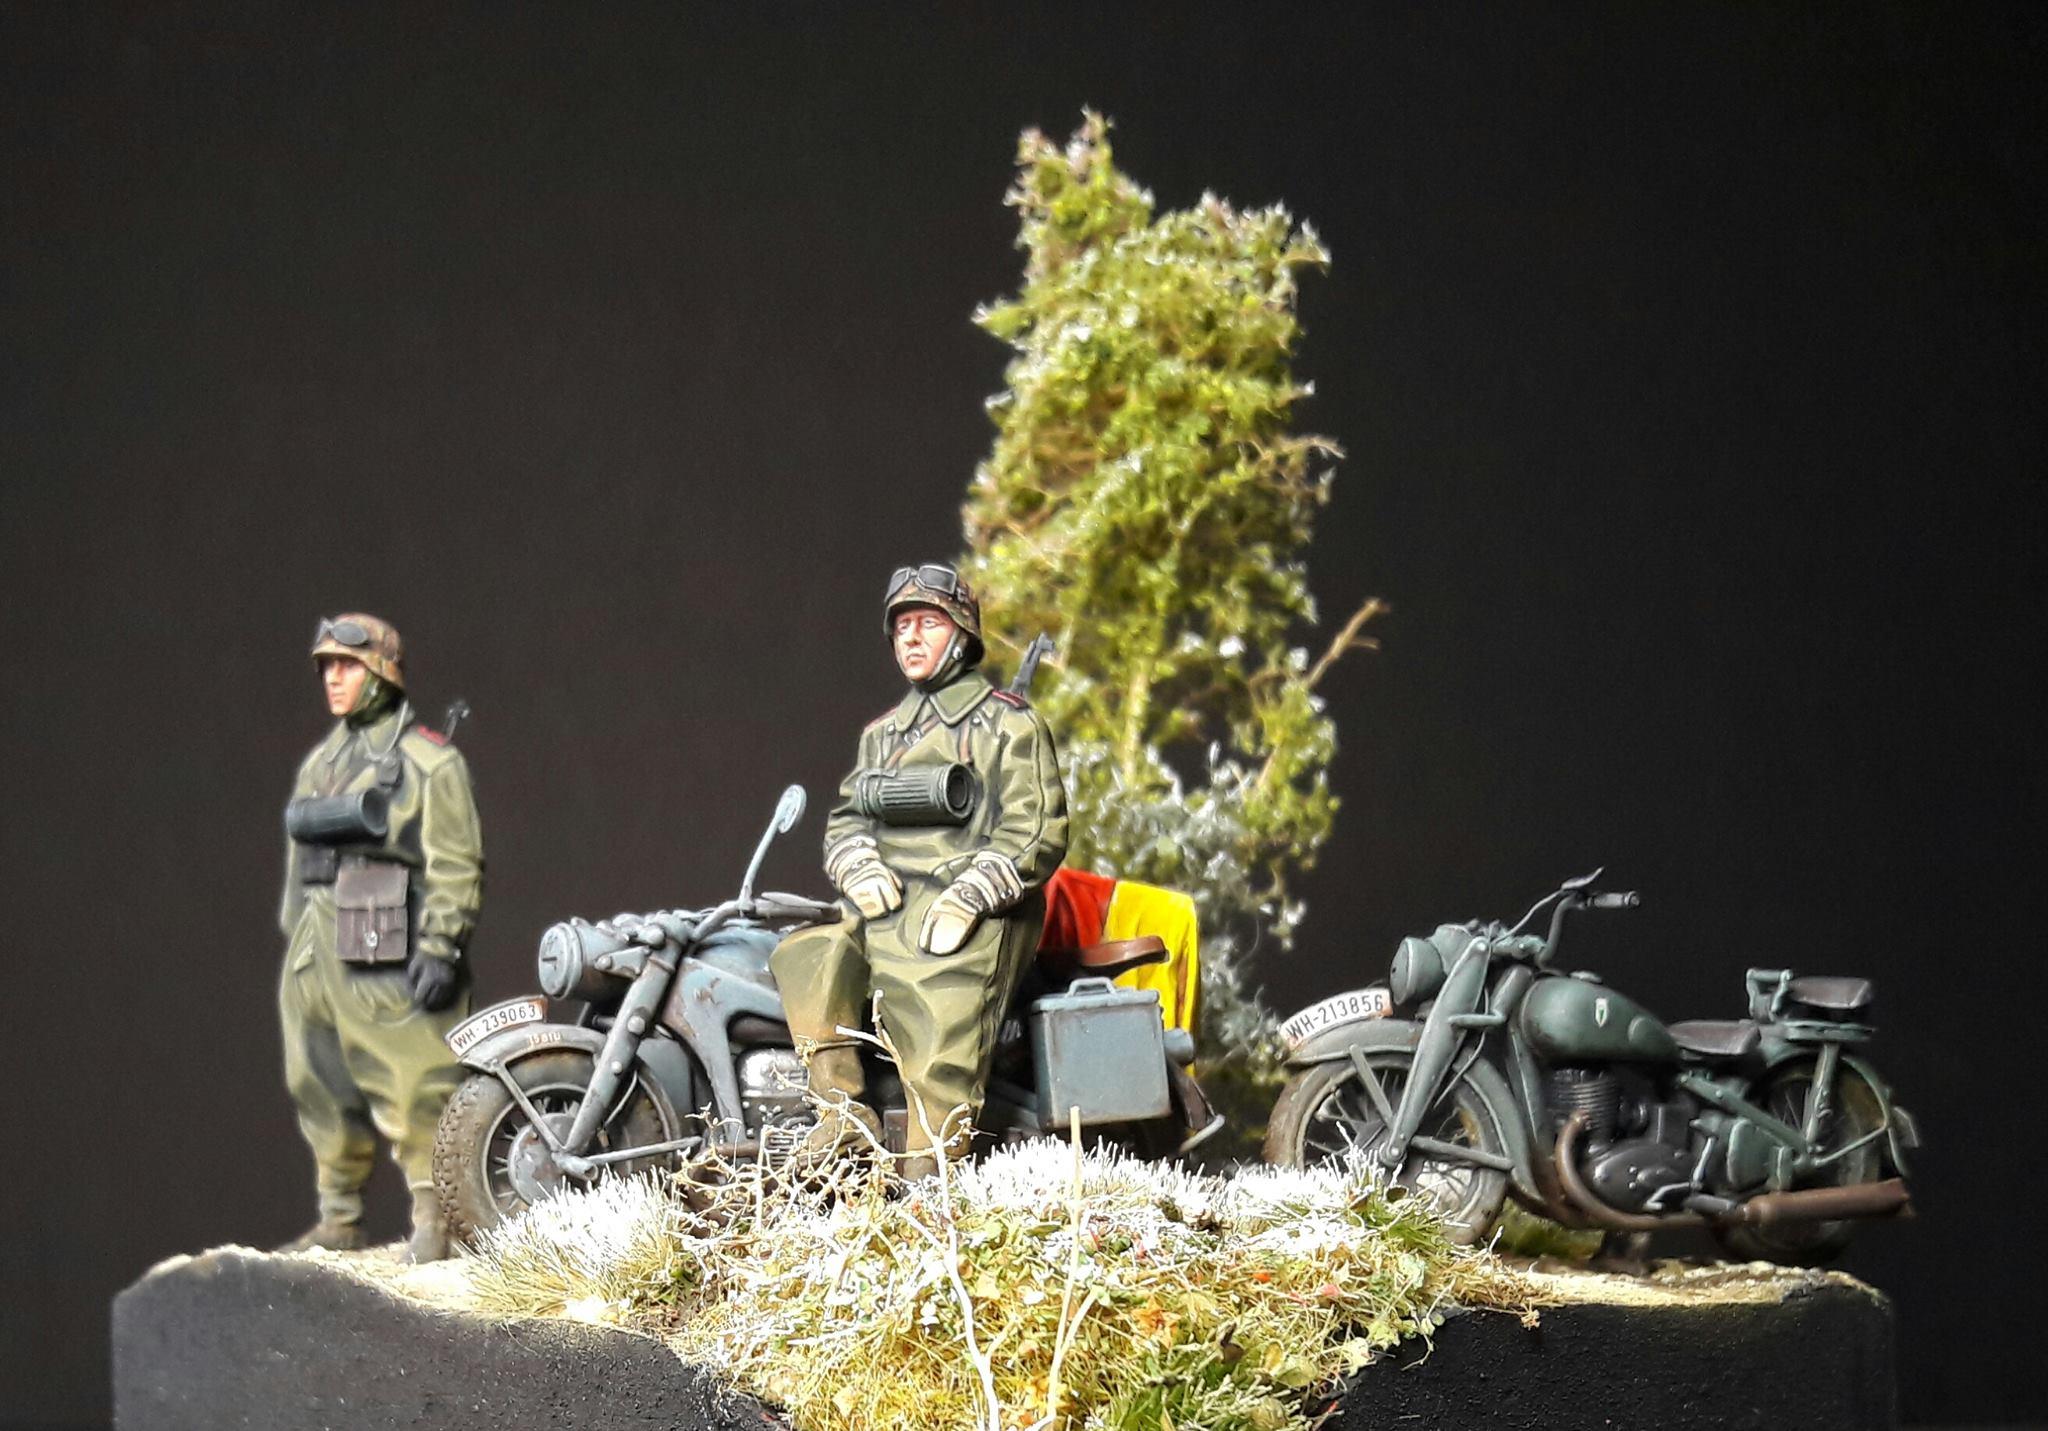 Zündapp KS750 - Sidecar - Great Wall Hobby + figurines Alpine - 1/35 - Page 5 40805220132672102118058495962251174266347o